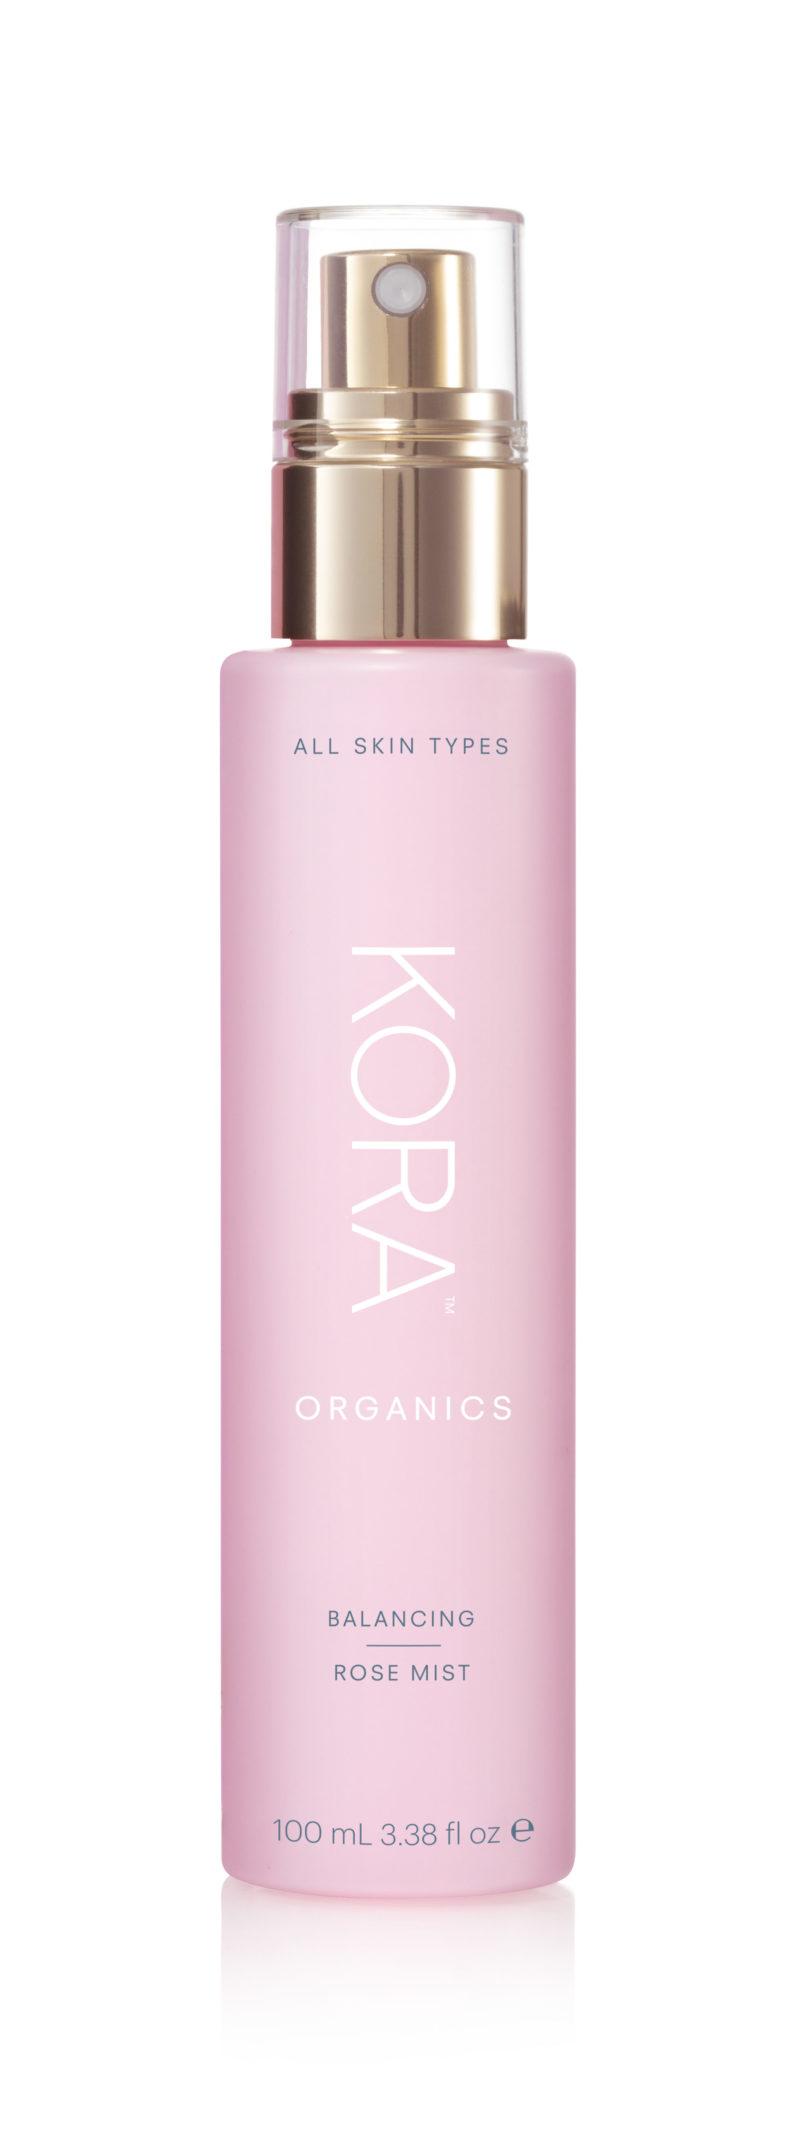 Balancing rose mist från Kora Organics.